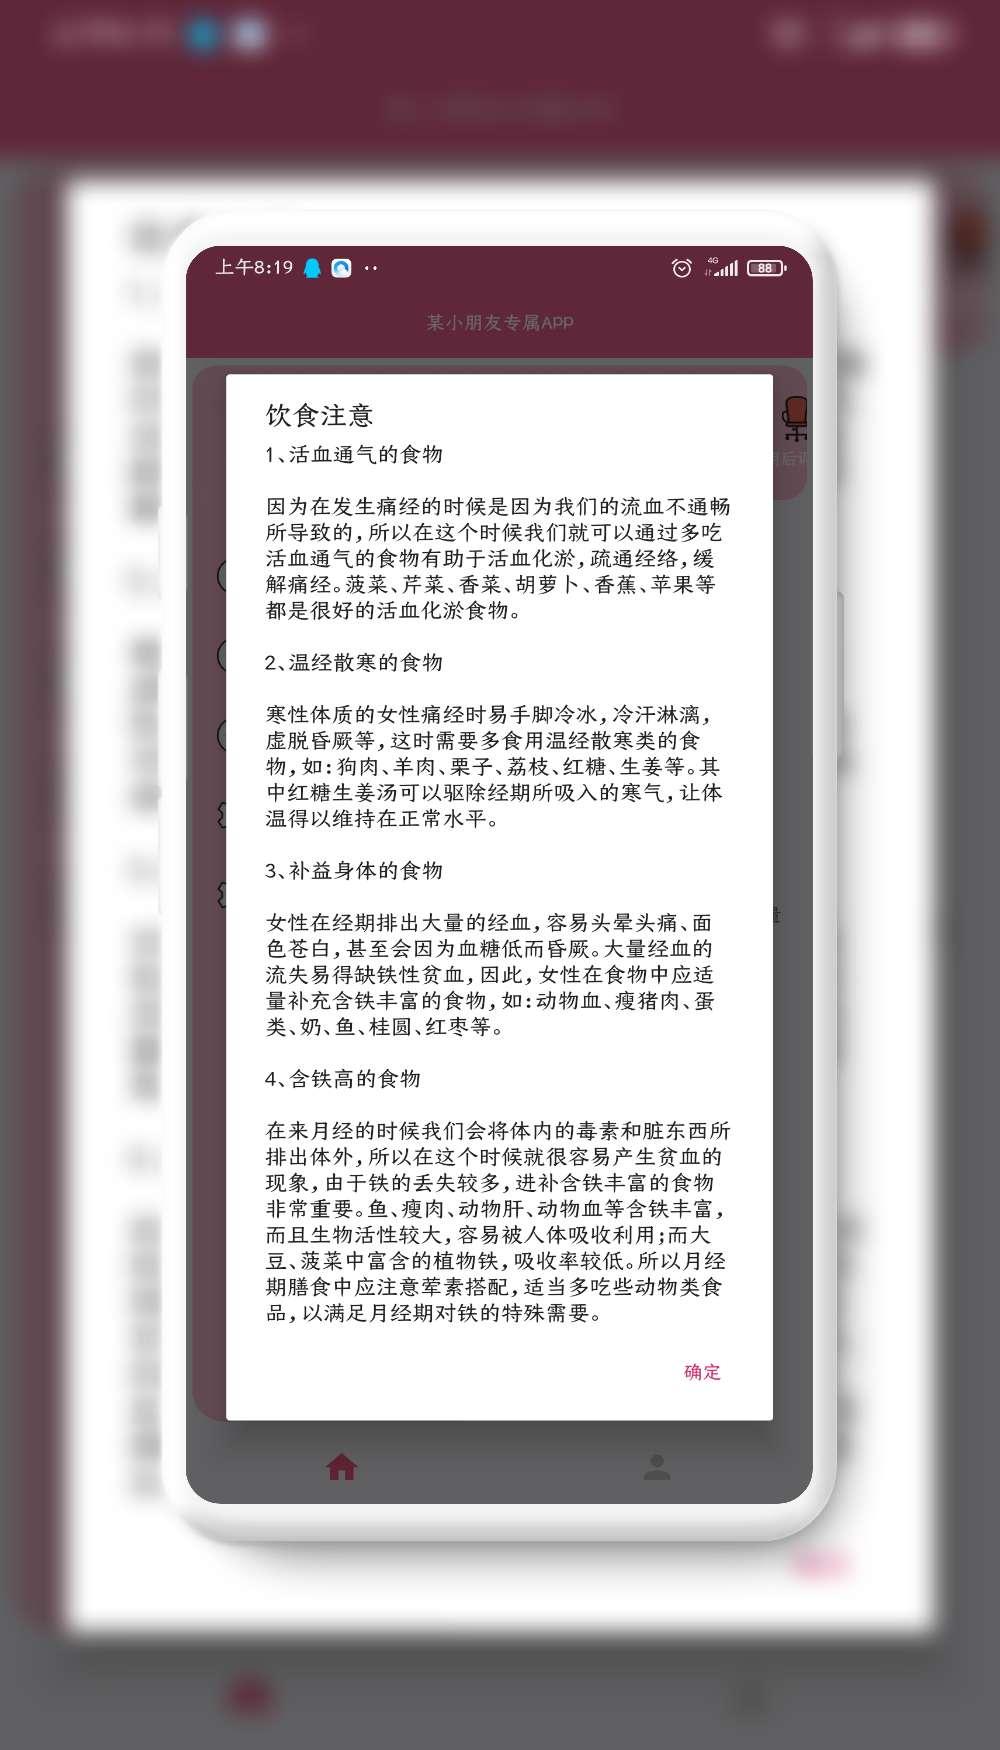 【原创开发】30502 大姨妈终结者 给女神献殷勤它不香-爱小助